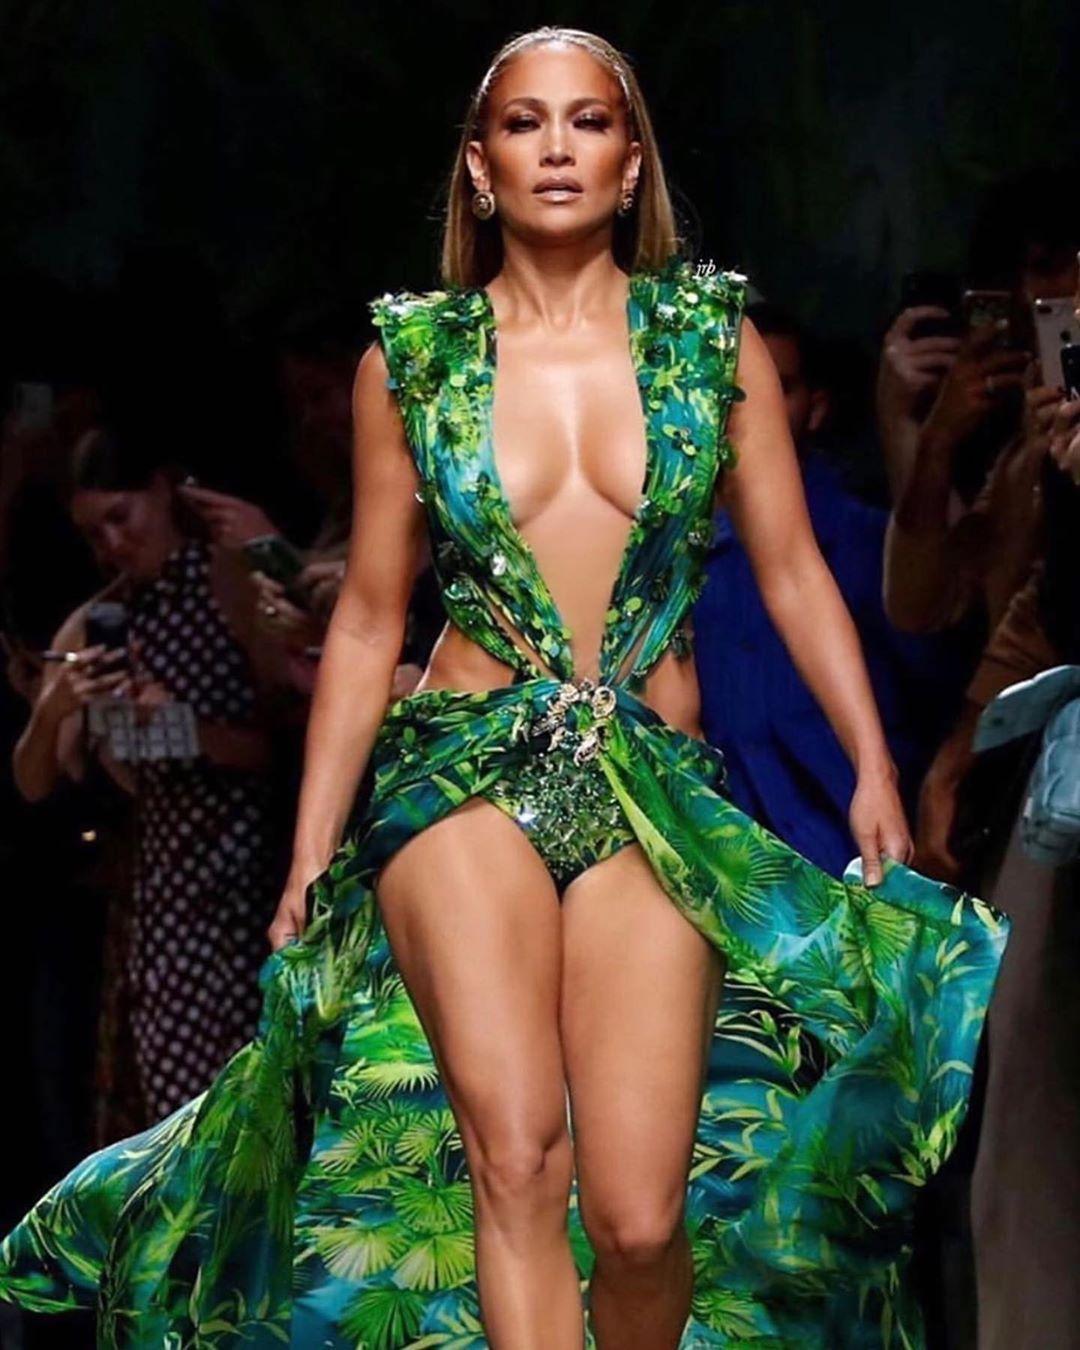 Realdiva Latinapower Inspiration Repost Robzangardi Jlo 2019 Jlo Versace Donatella Versace Randm Fashion Versace Gown Jennifer Lopez [ 1350 x 1080 Pixel ]